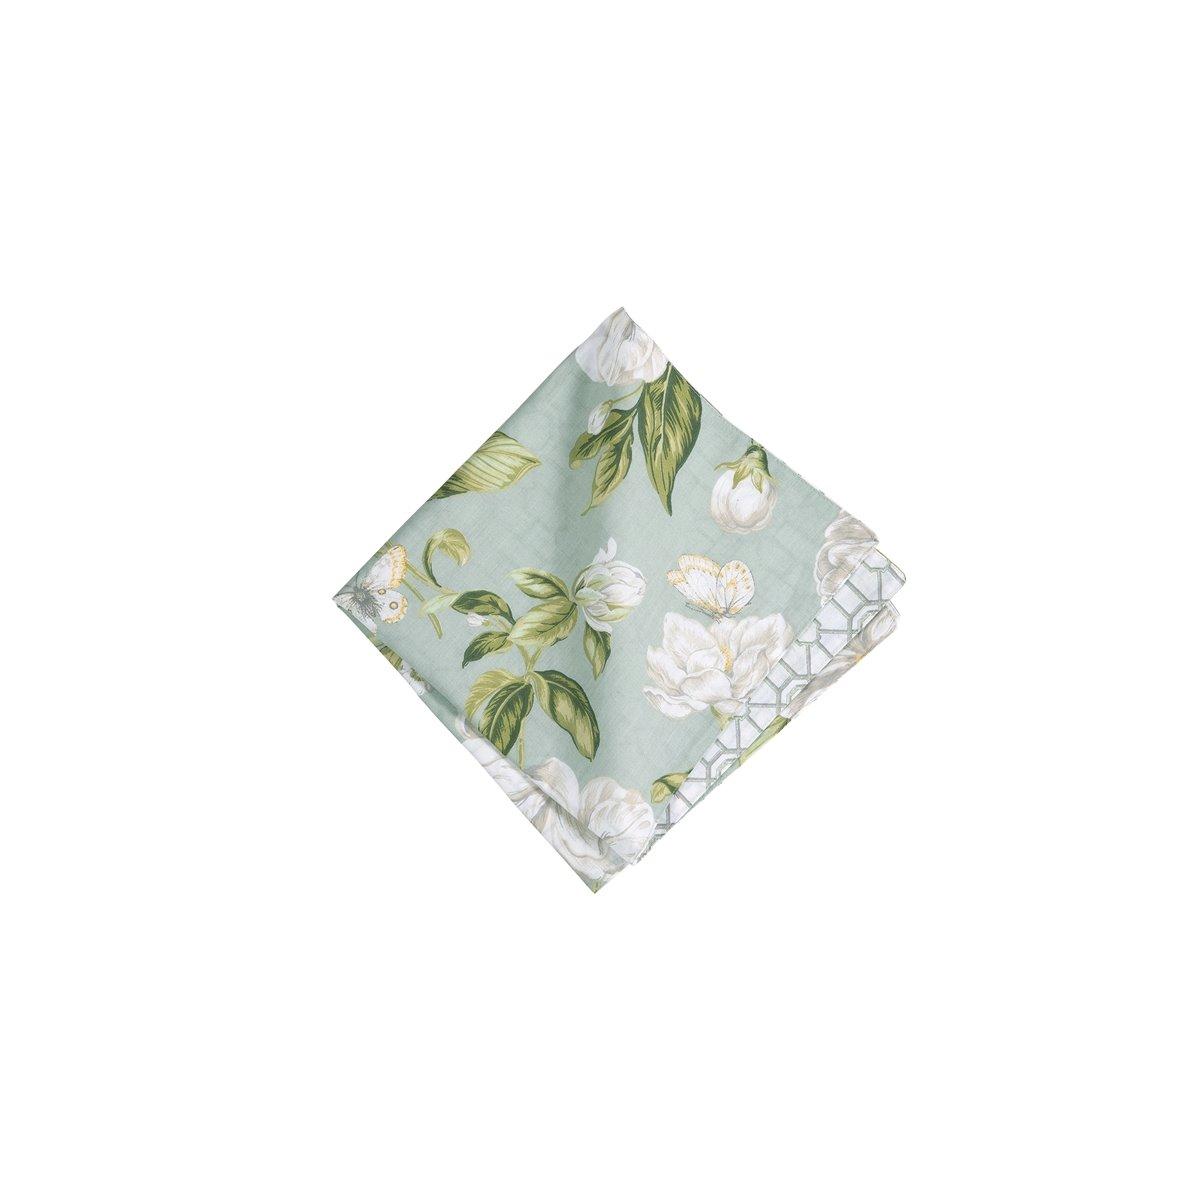 Magnolia Garden Napkin